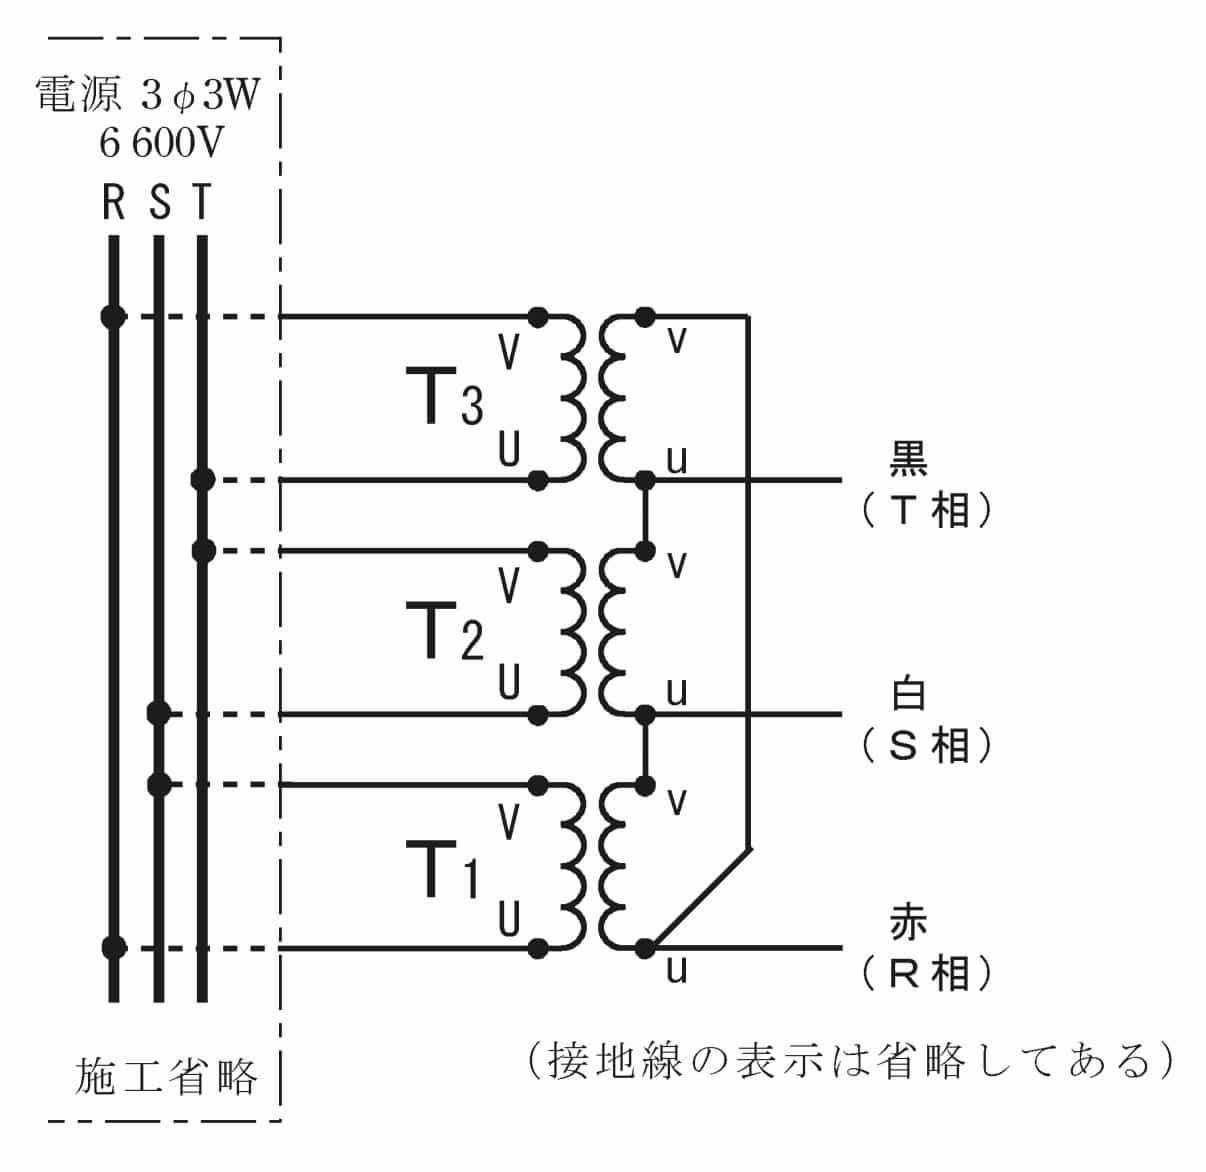 第一種電気工事士の技能試験の試験問題No.6の回路